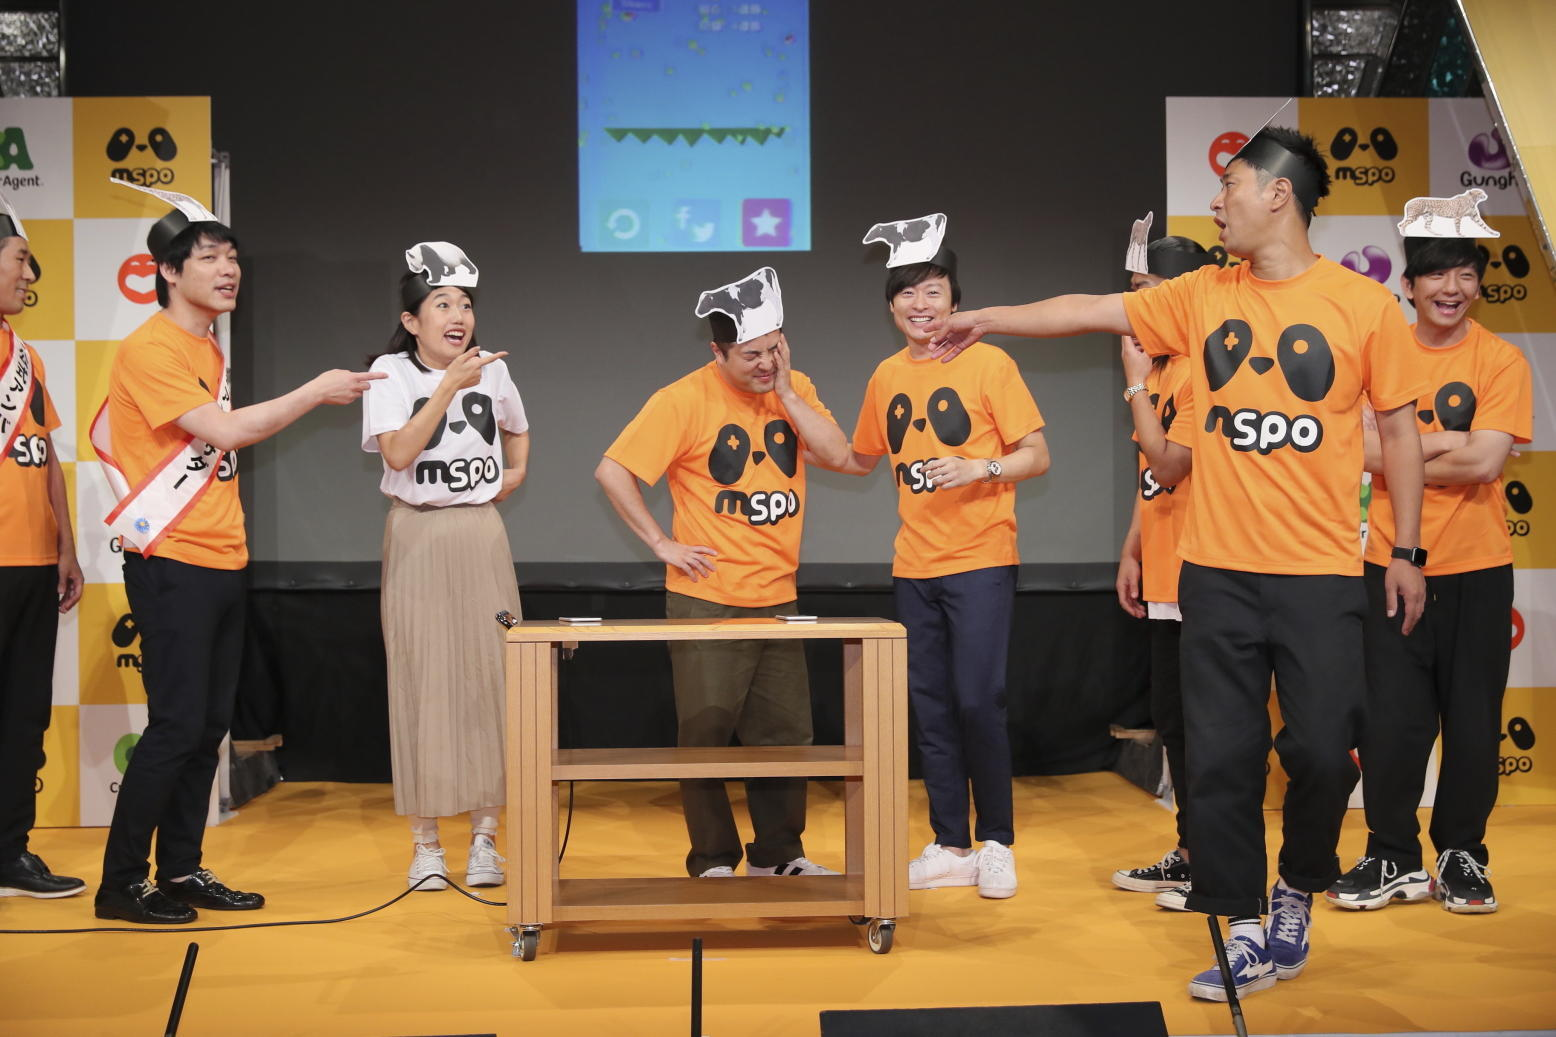 http://news.yoshimoto.co.jp/20180928163037-31bb09f5af45ed45330865fbf274ebf5c42aaad3.jpg